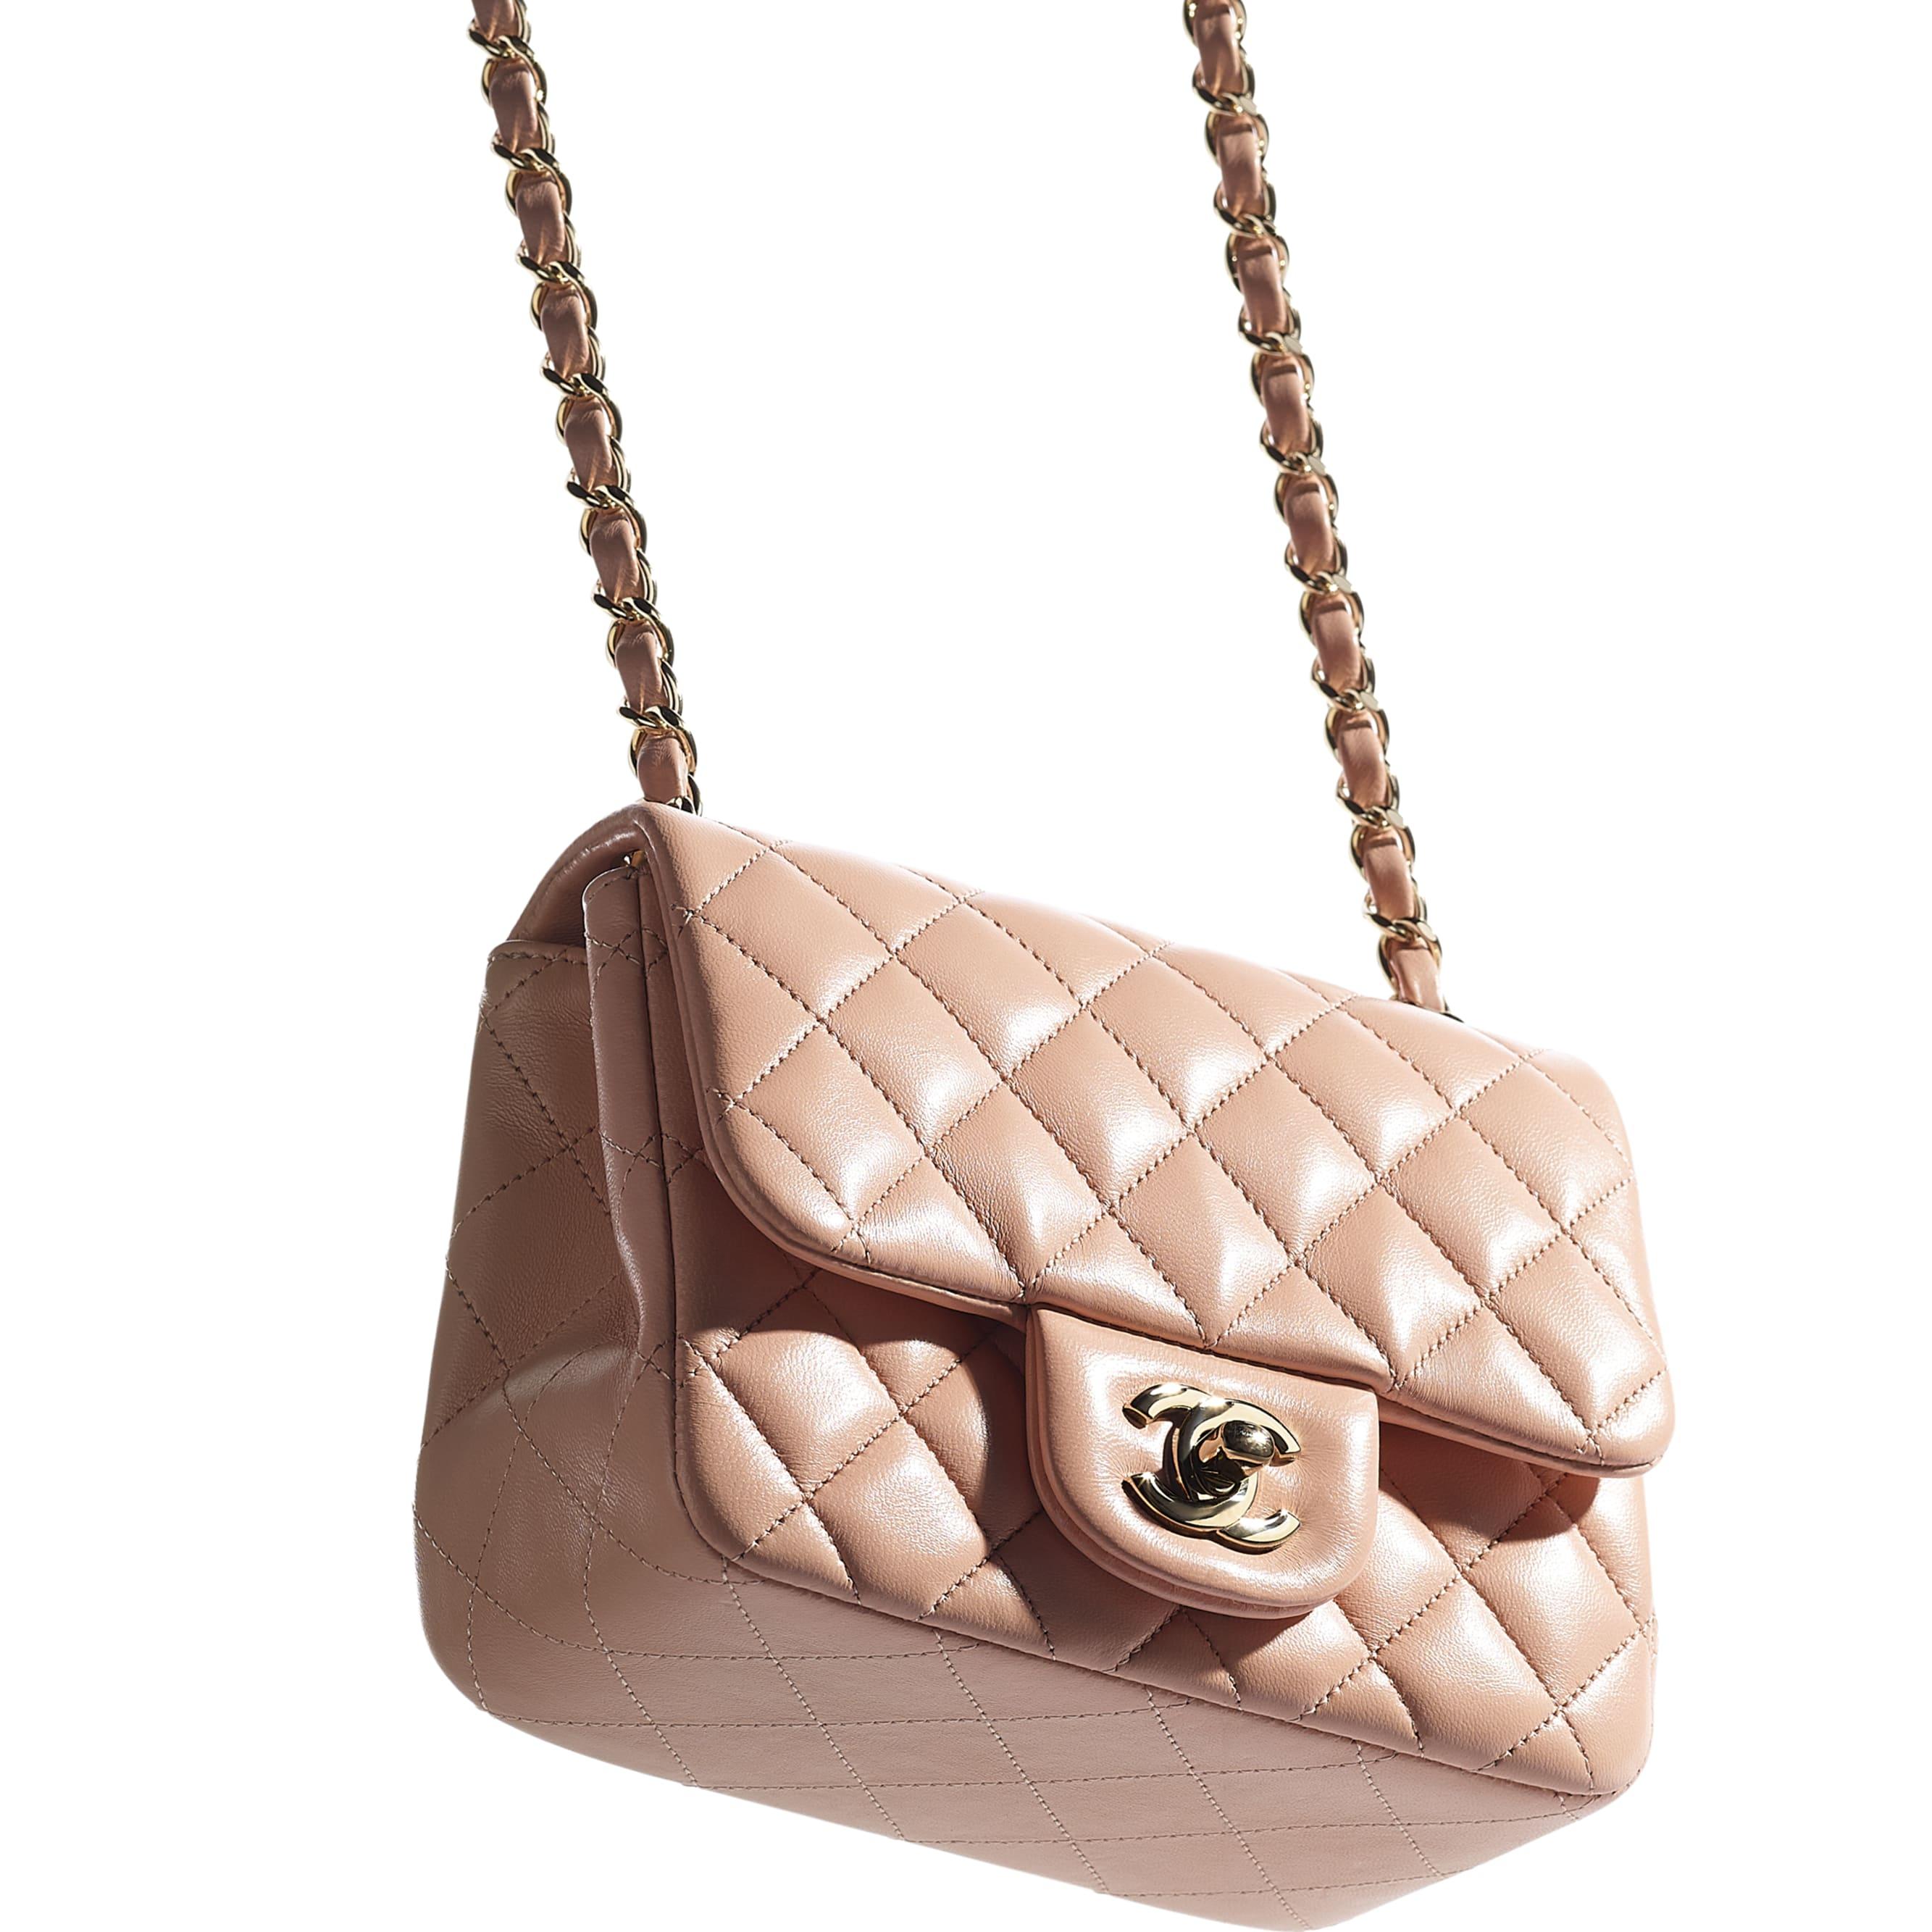 Borsa piccola - Rosa chiaro - Pelle di agnello & metallo effetto dorato - CHANEL - Immagine extra - vedere versione standard